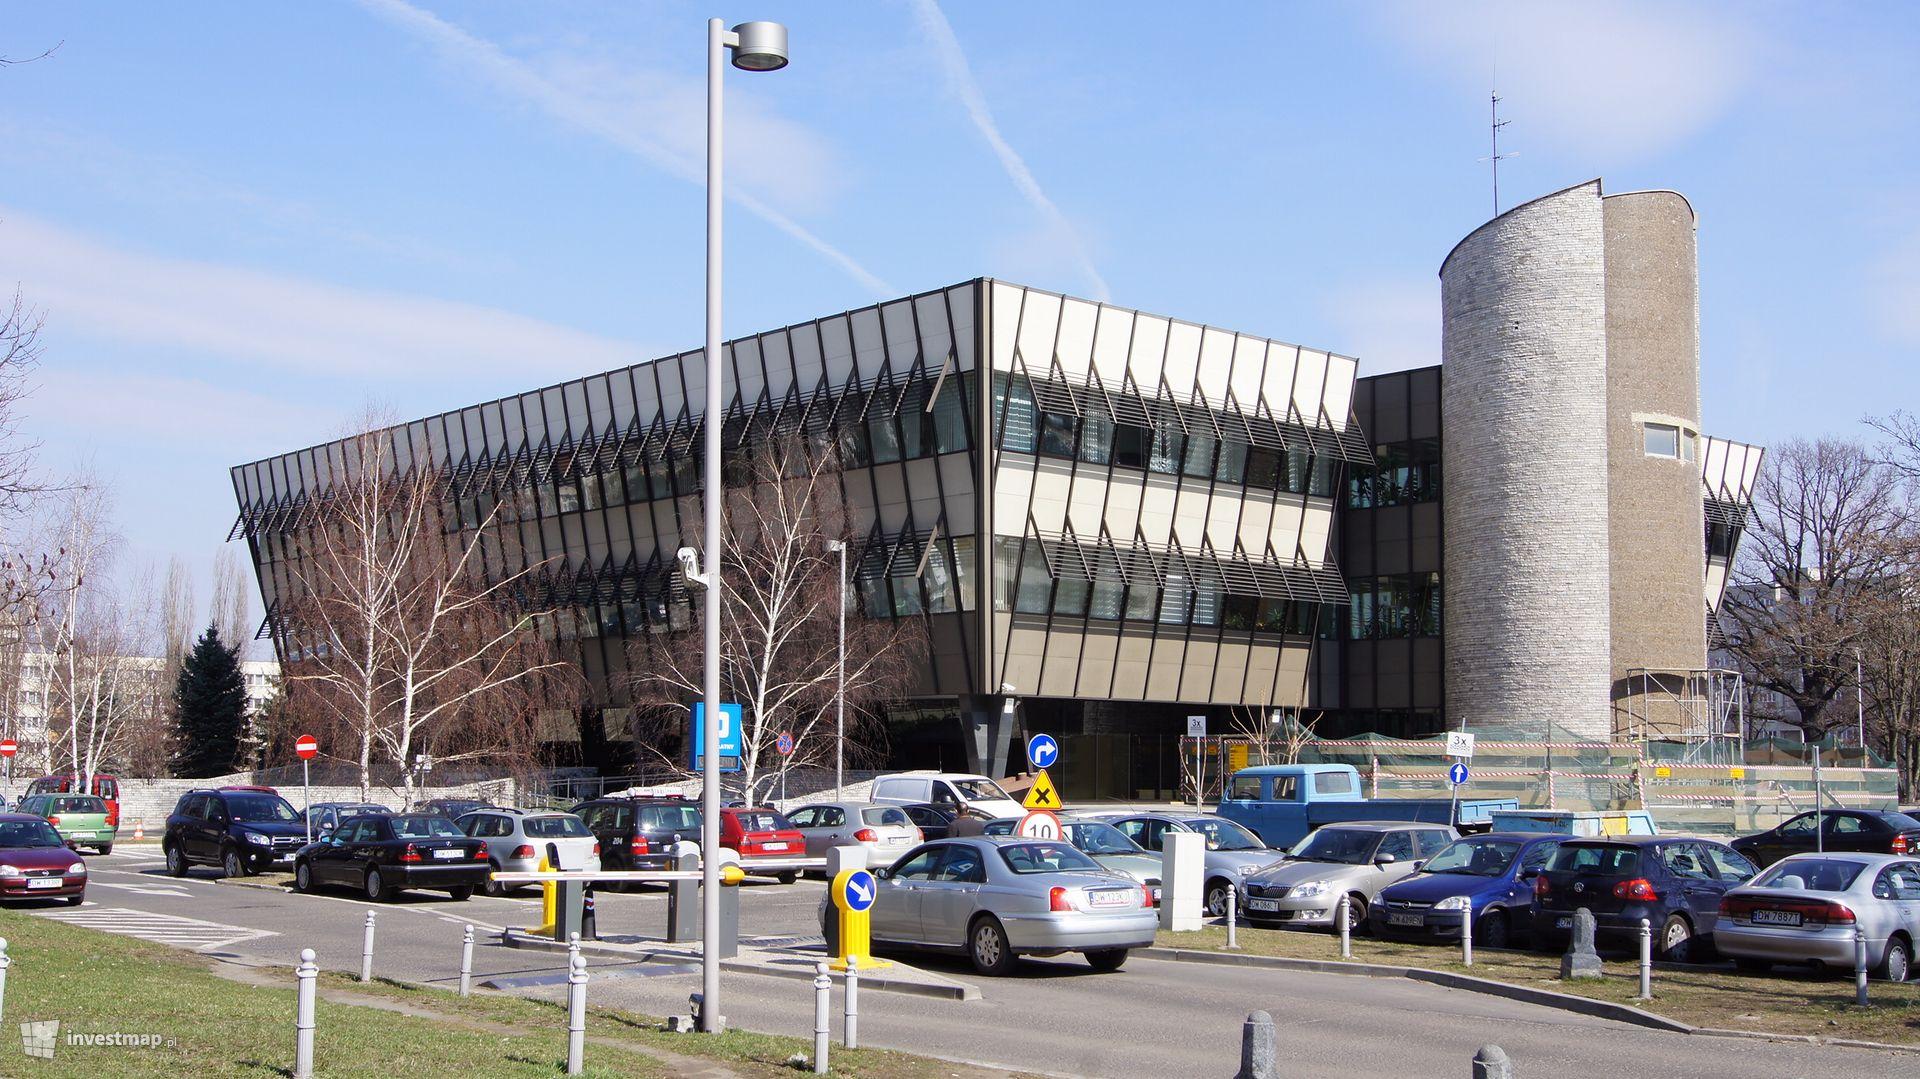 Dolnośląskie Centrum Medyczne Dolmed (modernizacja)